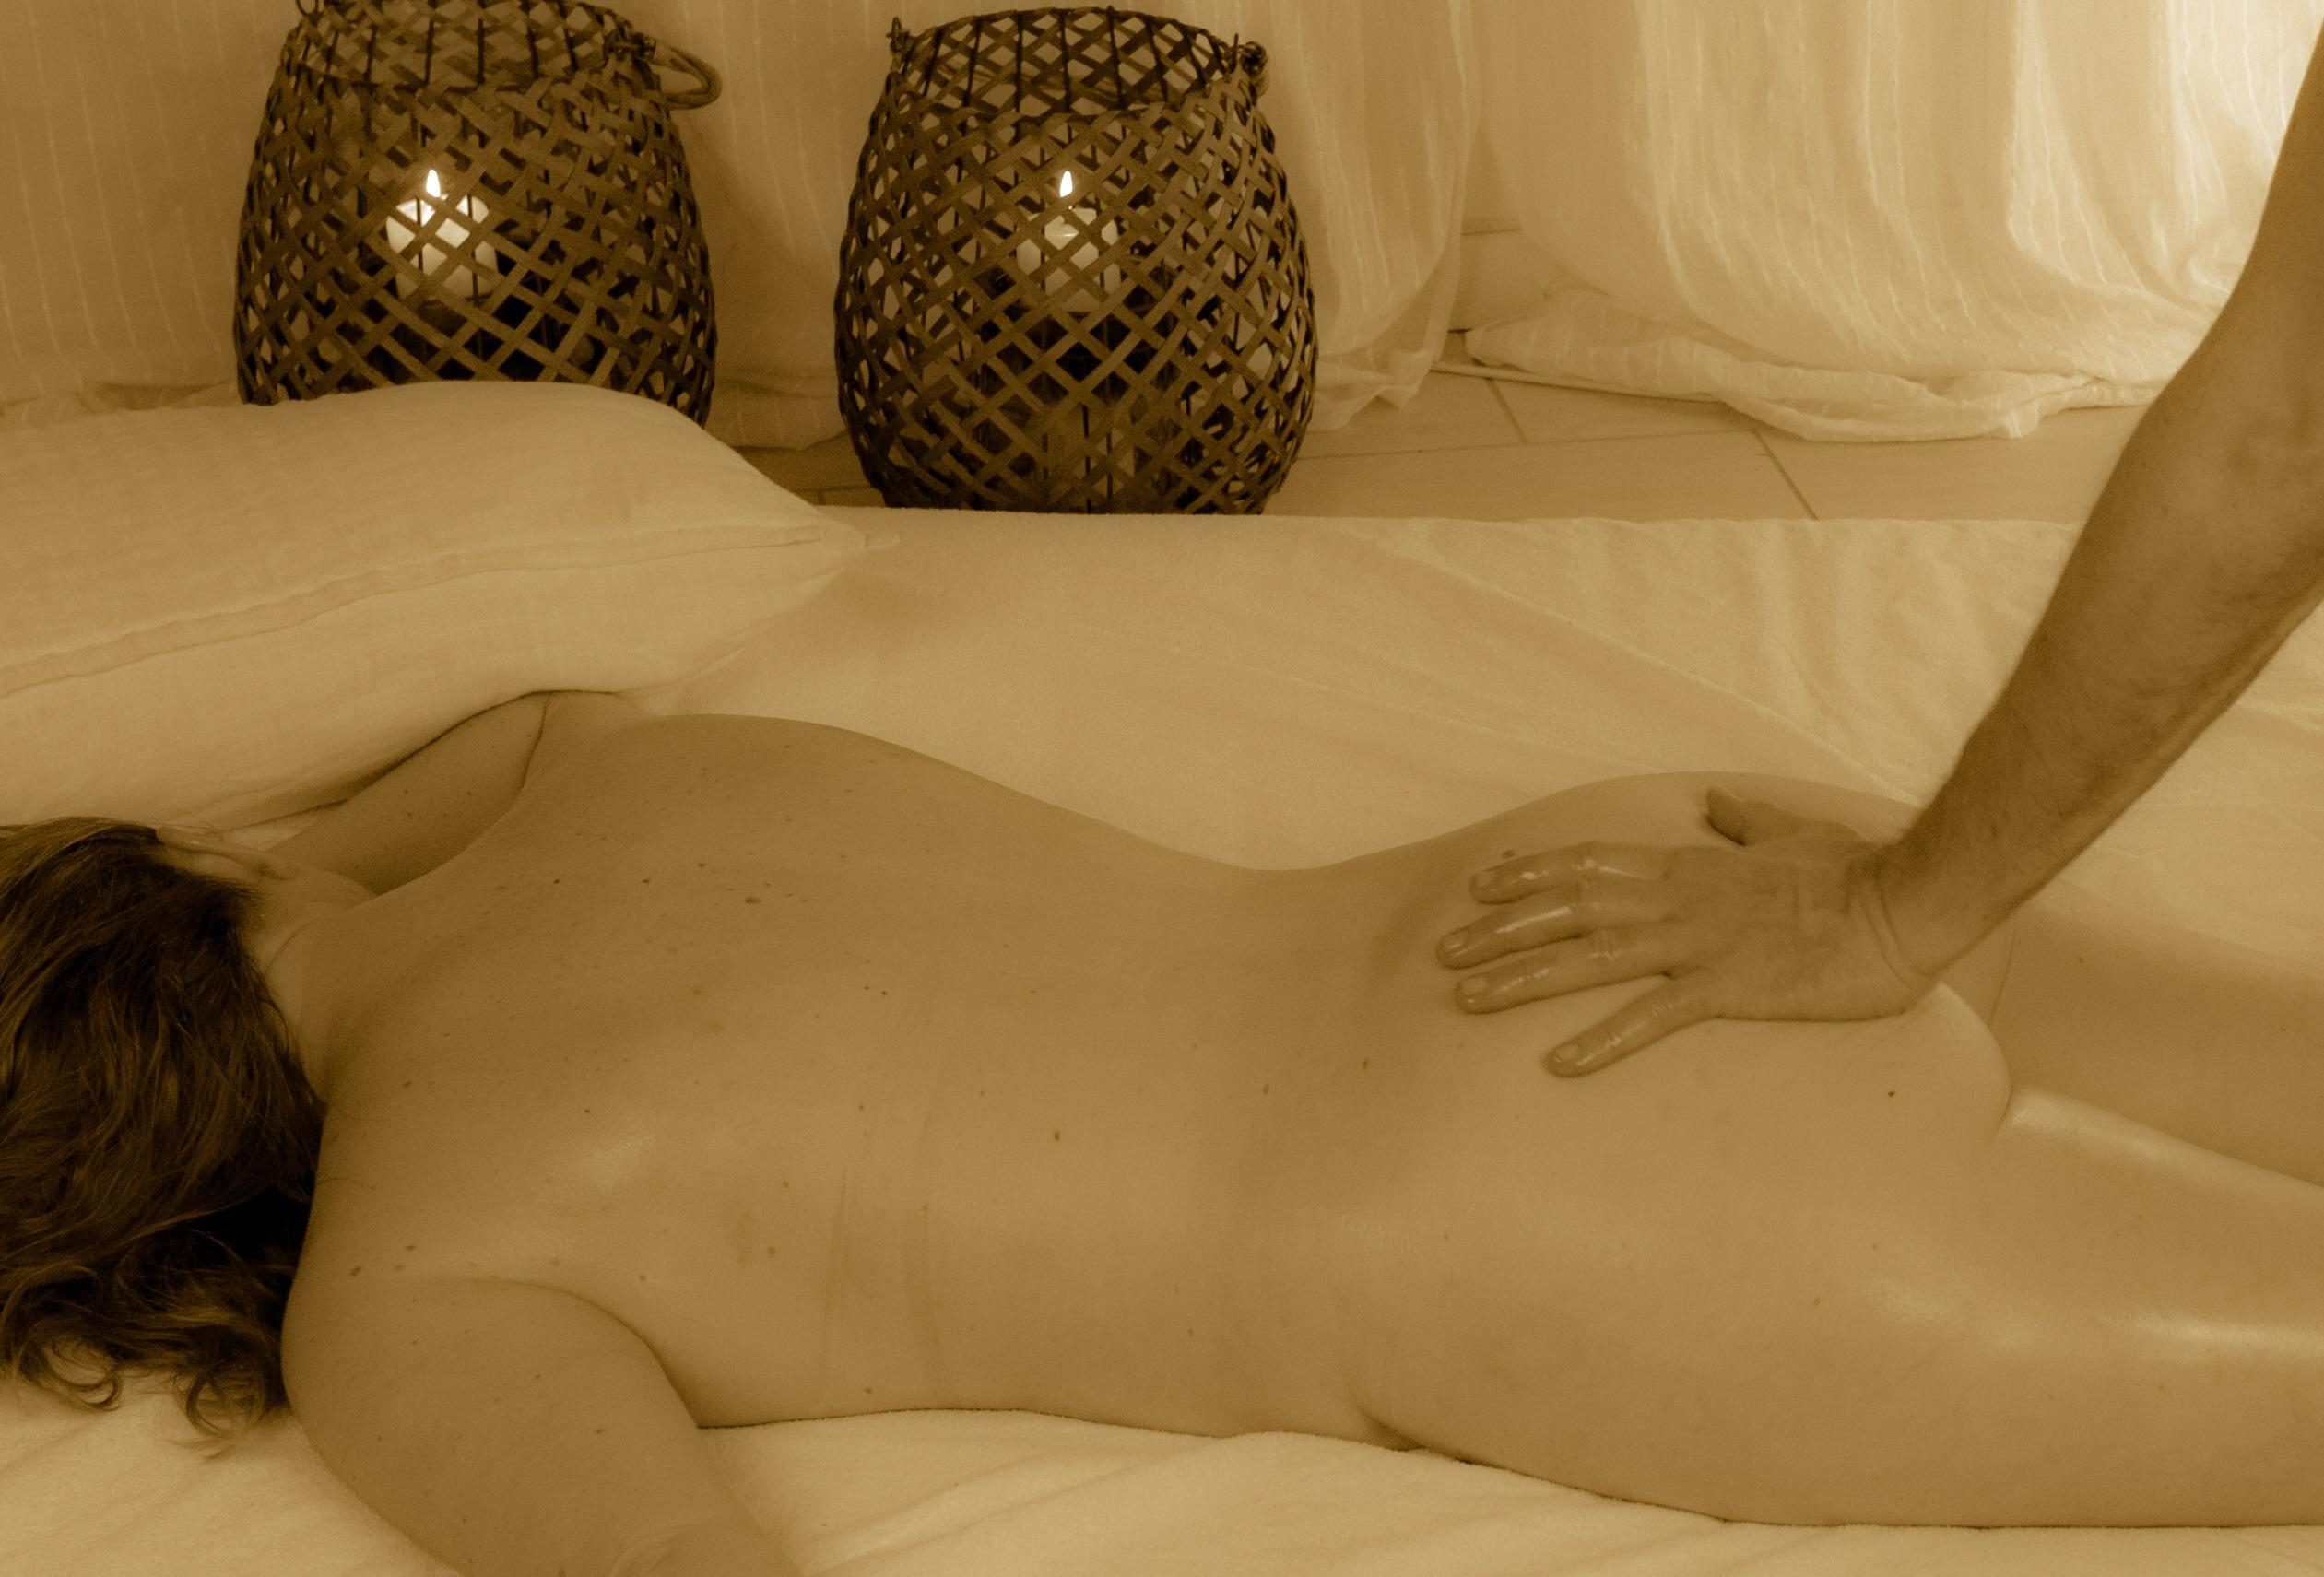 homo søger mand tantra massage kolding